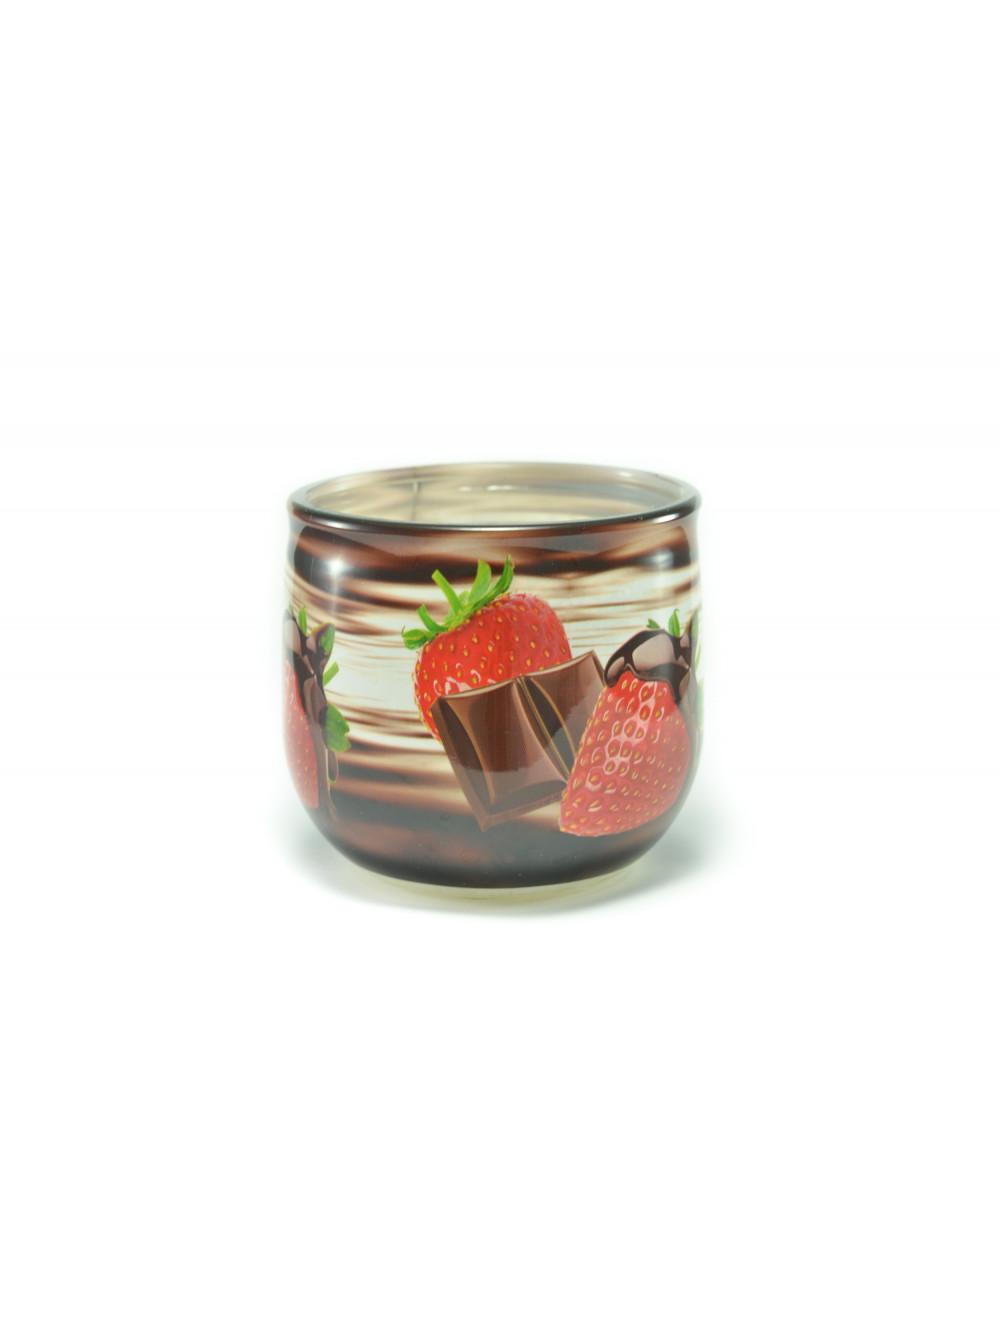 Voňavá sviečka Chocolate & Strawberry